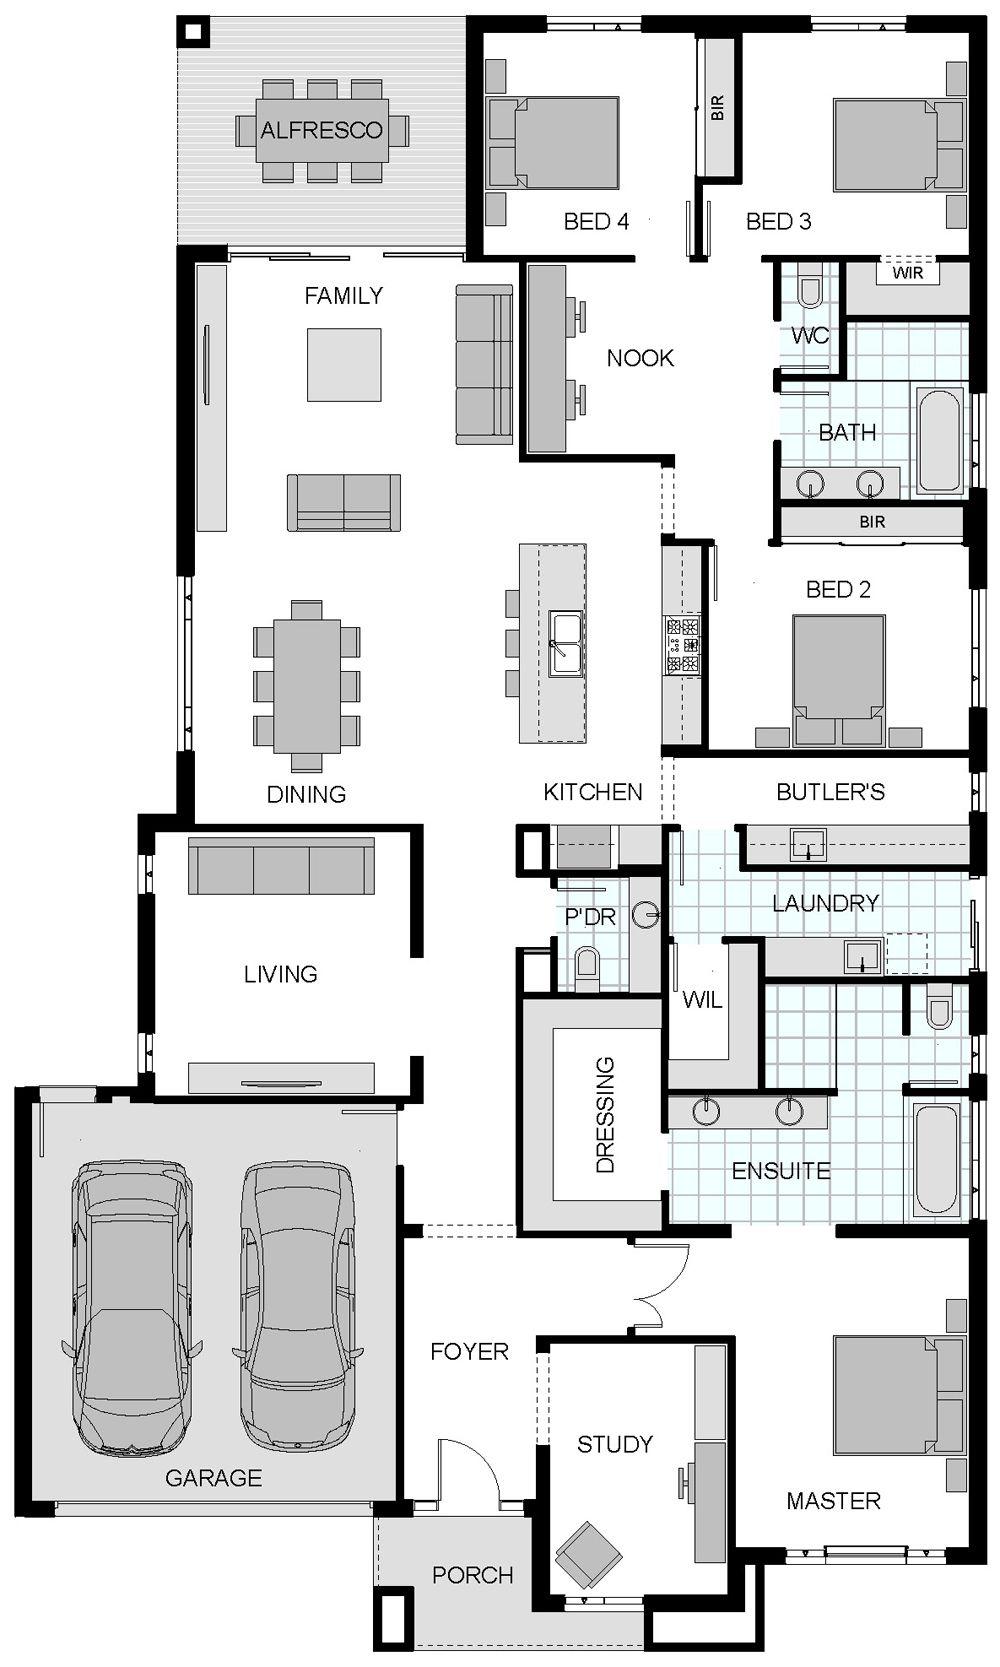 Master Bedroom Suite Floor Plans Floorplan Home Designs Pinterest Bedroom Suites Back To